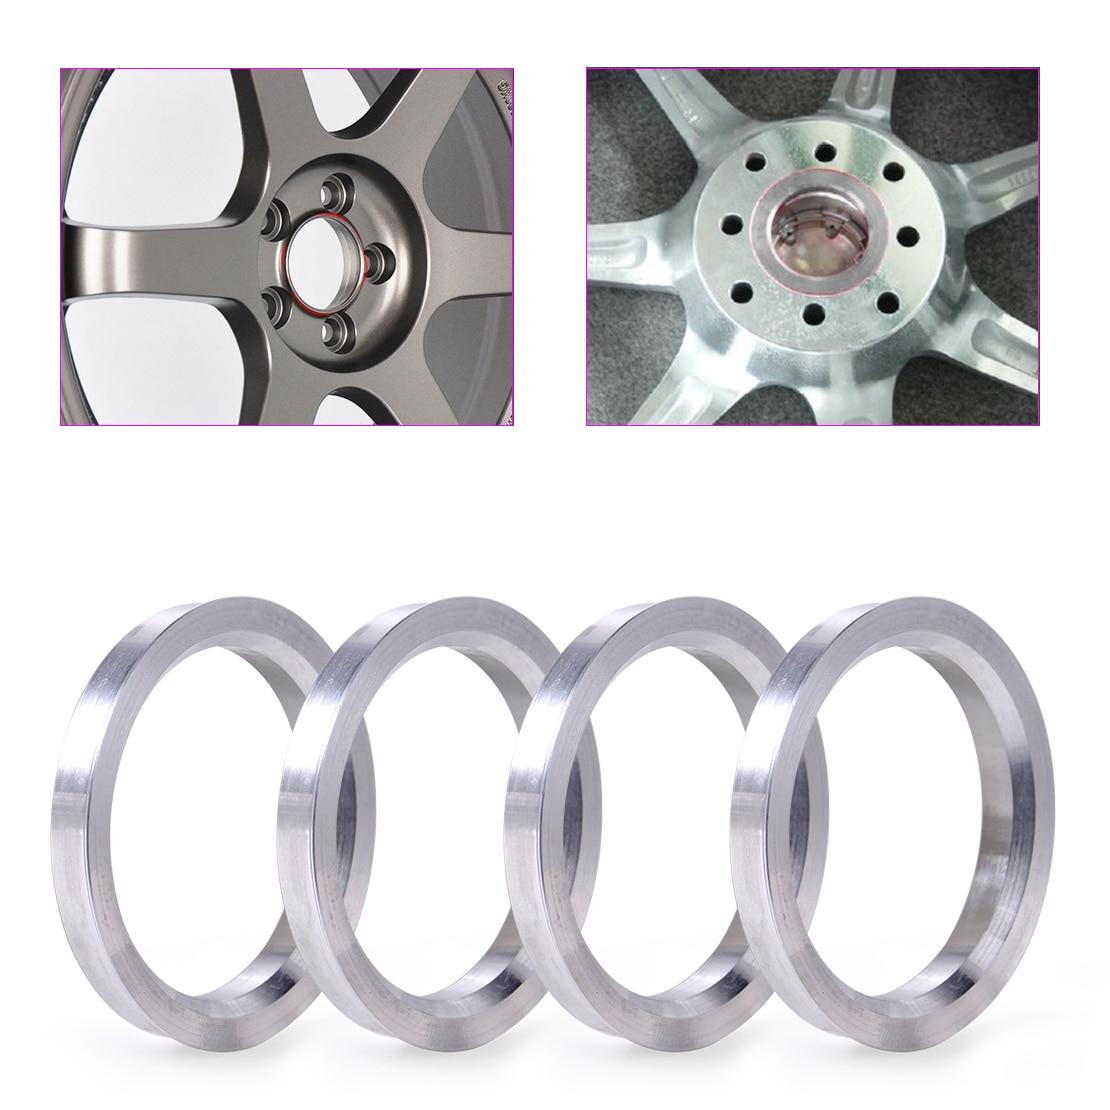 NO LOGO KF-RINGS 4PCS//lot Car Wheel Hub Centric Rings OD=67.1mm ID=66.1mm Aluminium Alloy Car Wheel Bore Center Collar